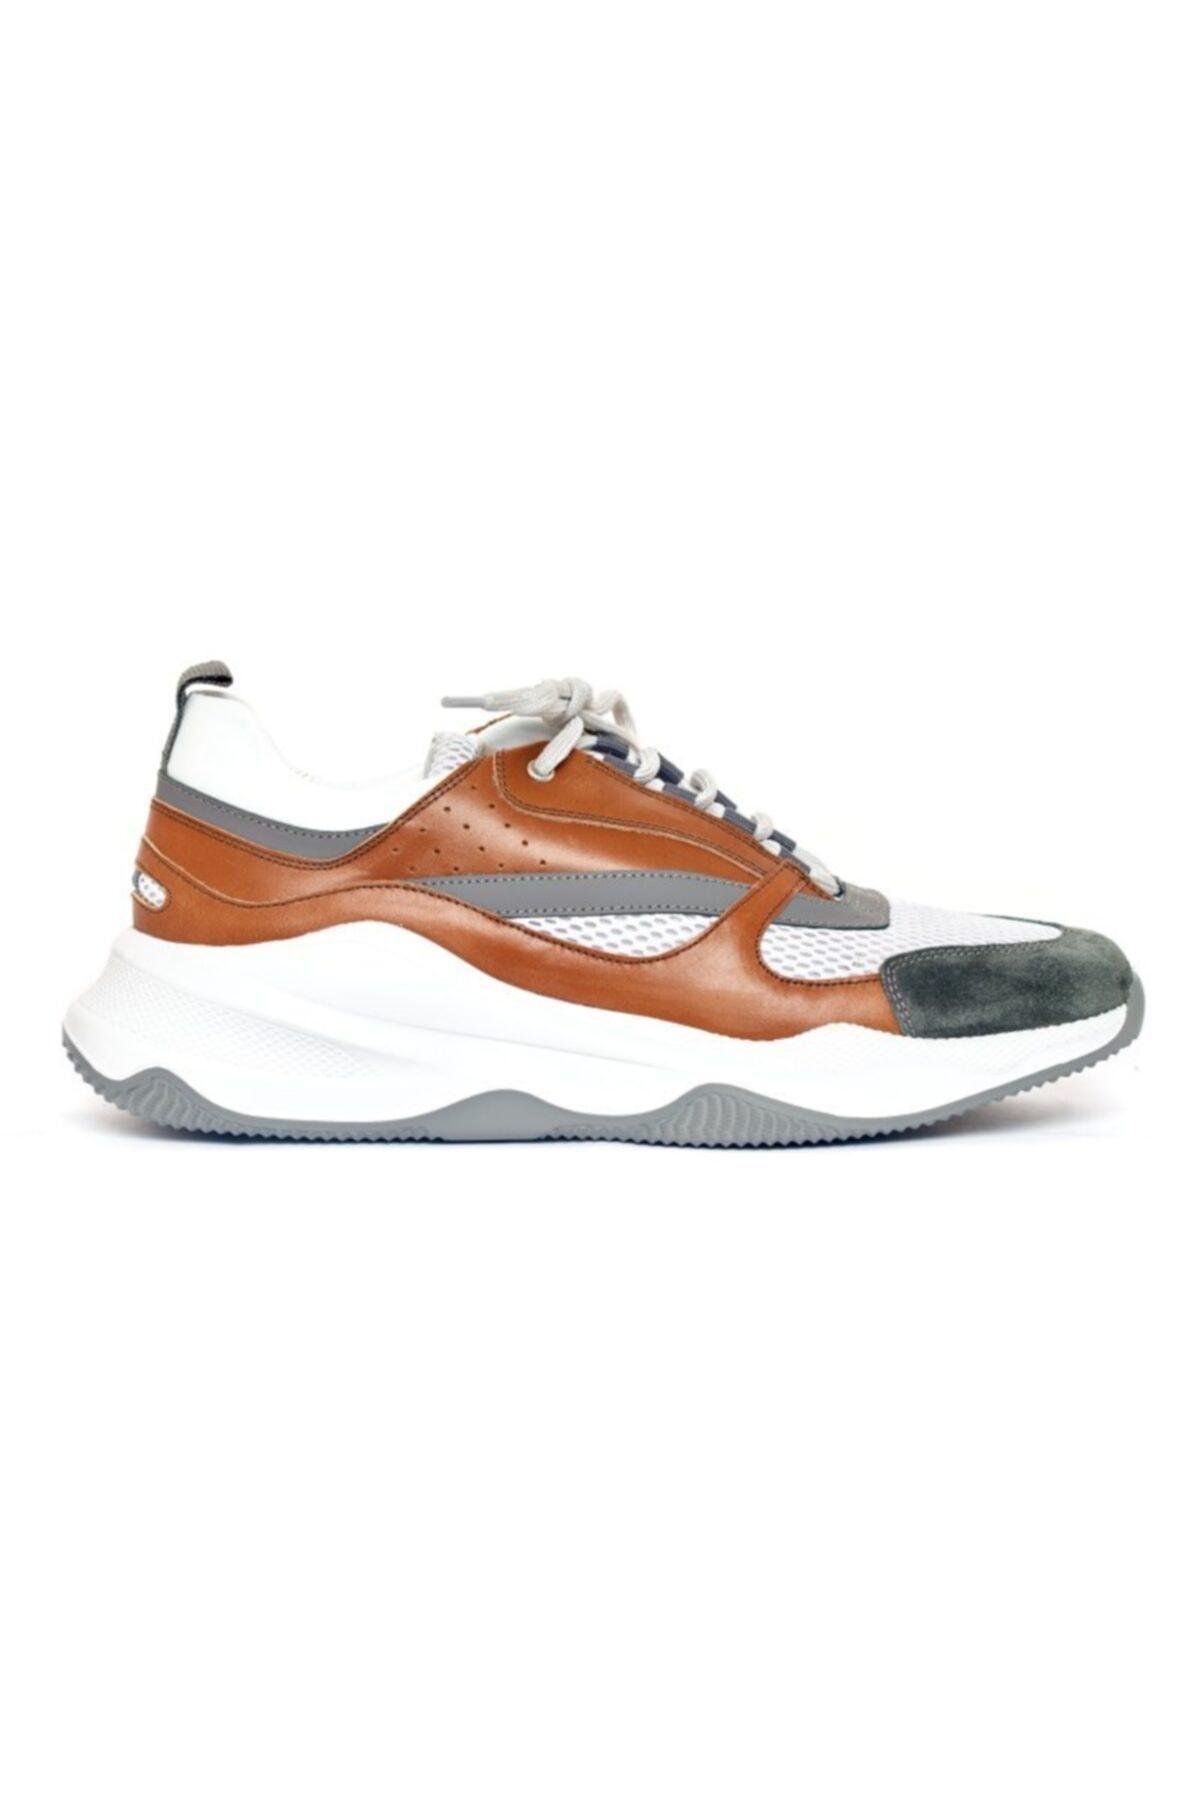 Giovane Gentile Erkek Hardal Renk Bağcıklı Ayakkabı 1